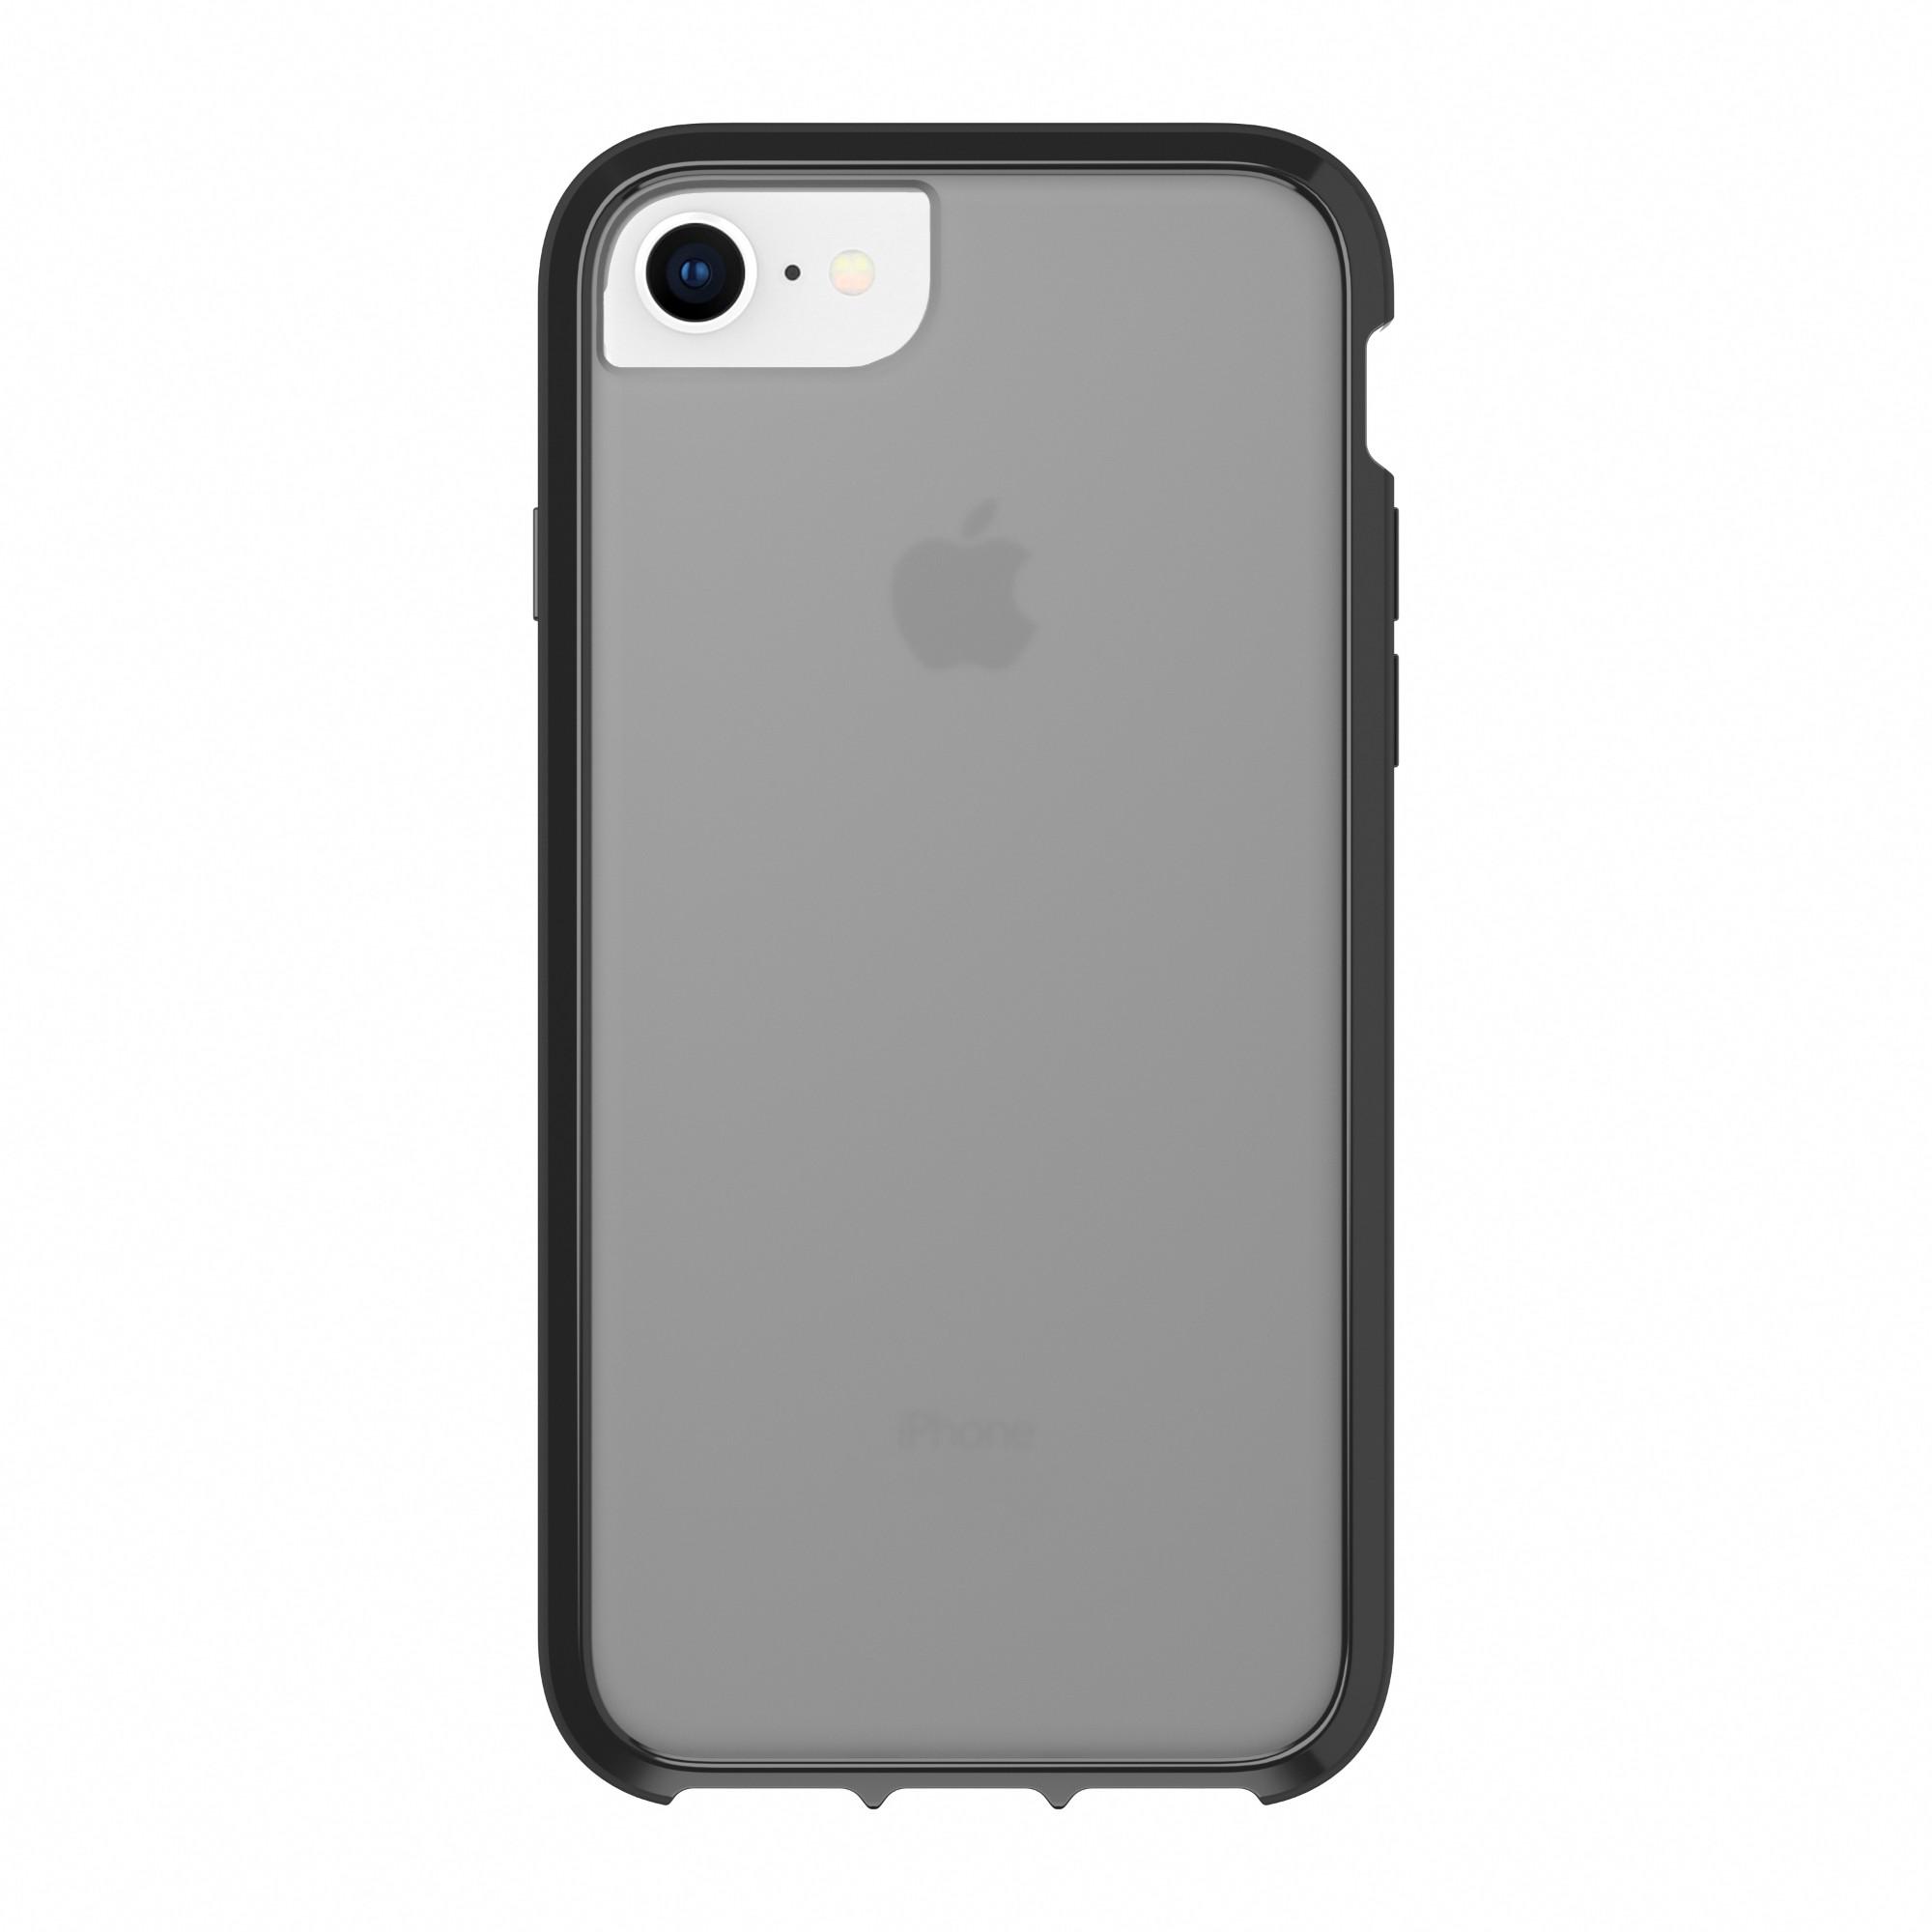 finest selection ec5f7 5474e Griffin Reveal Plus mobile phone case 11.9 cm (4.7